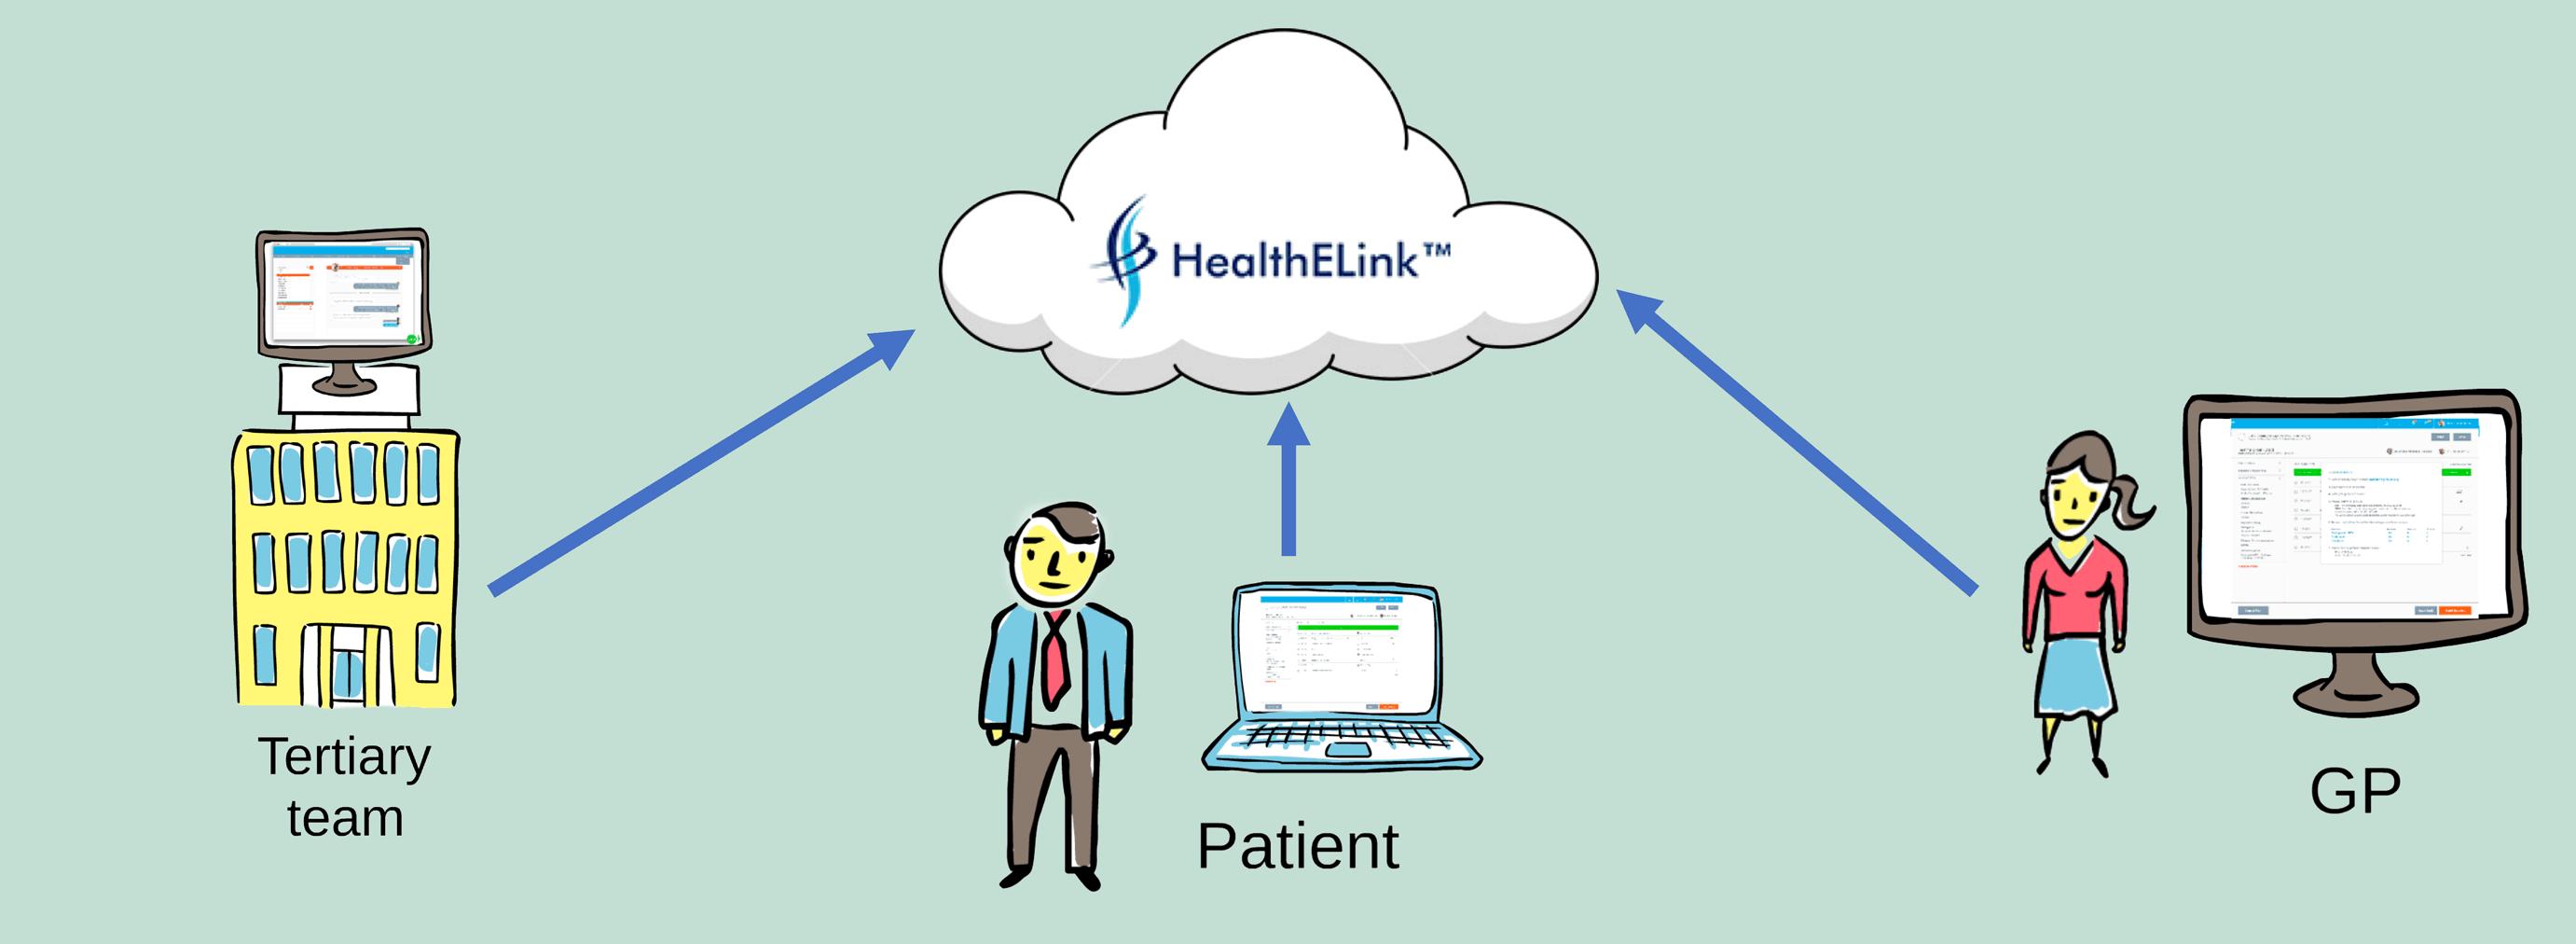 Handy Tool Simplifies Management of Hepatitis C Treatment